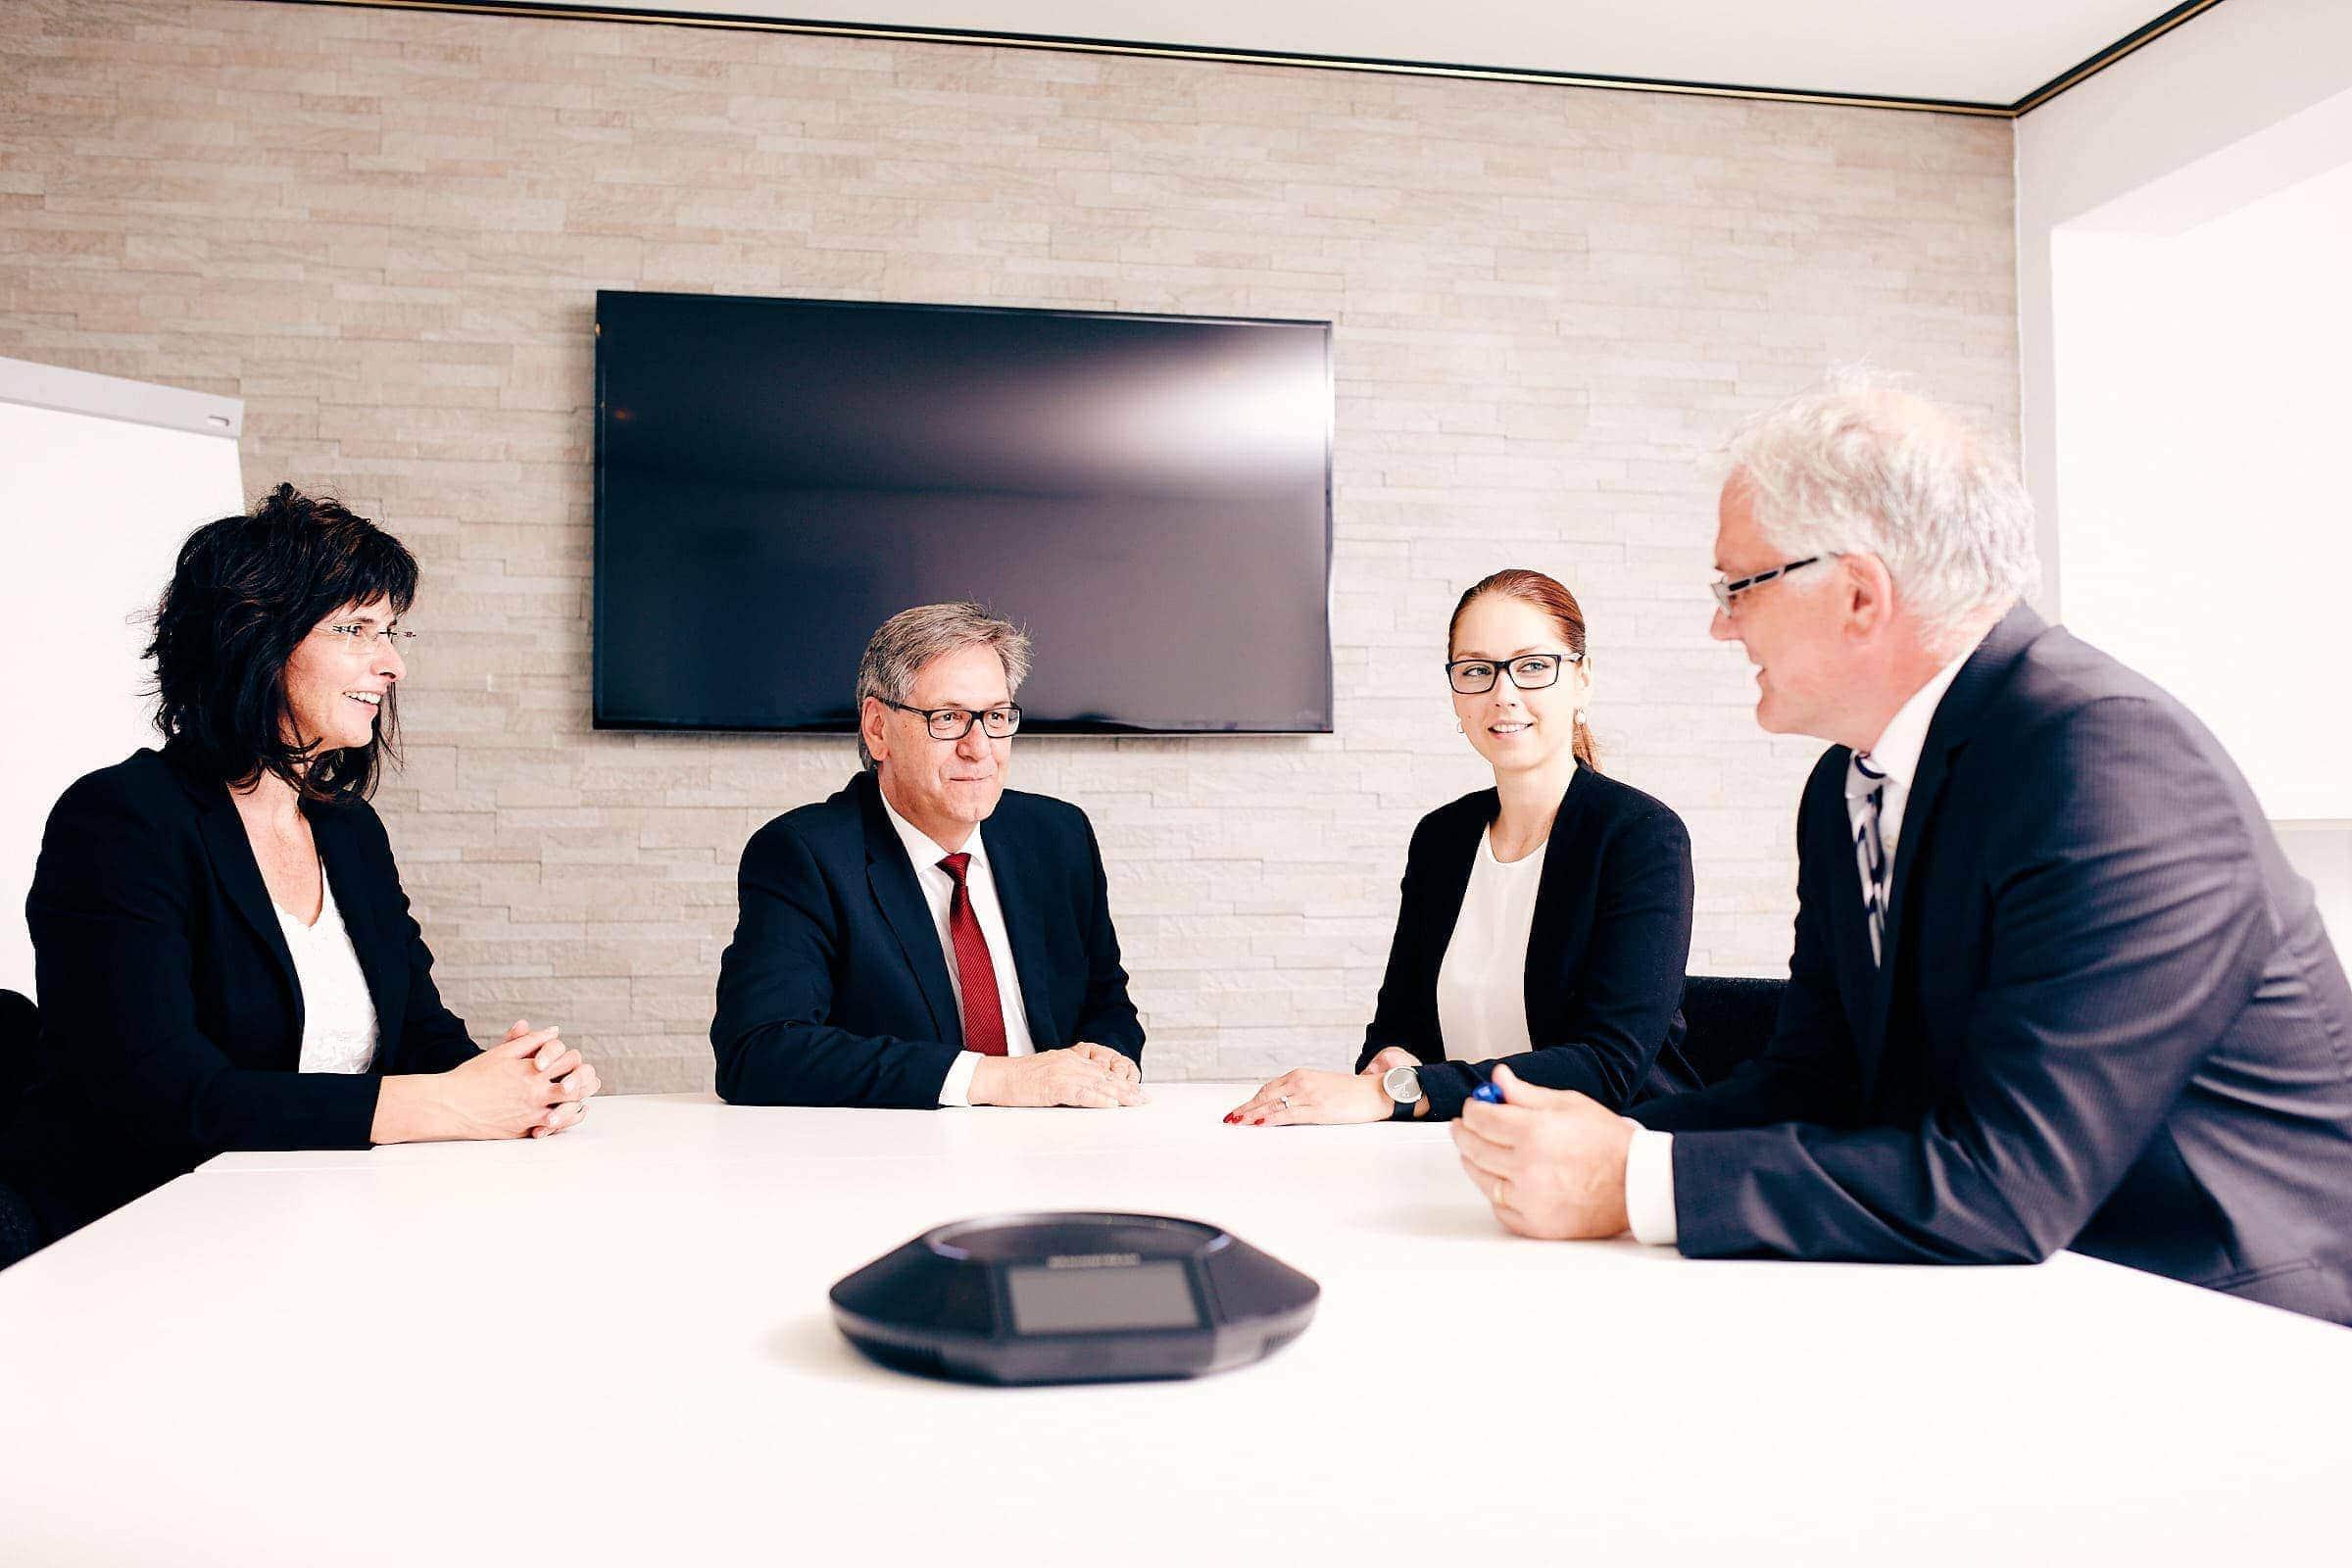 firmenfotos imagefotografie finanzbranche luxemburg